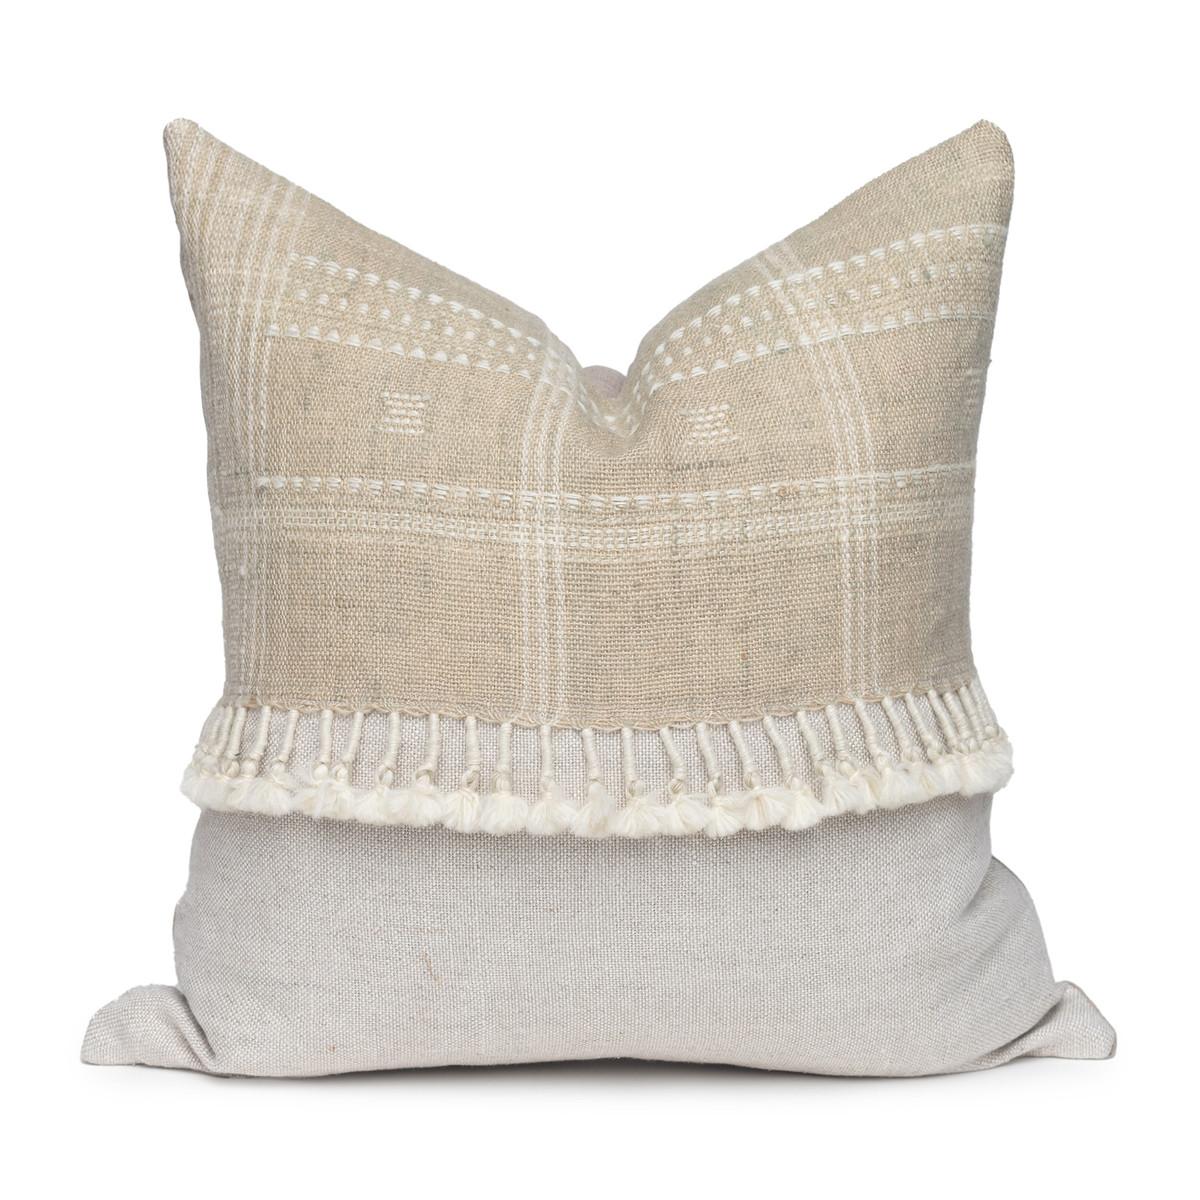 Morgan Handspun Indian Wool Sage Pillow- 20 x 20 - Front